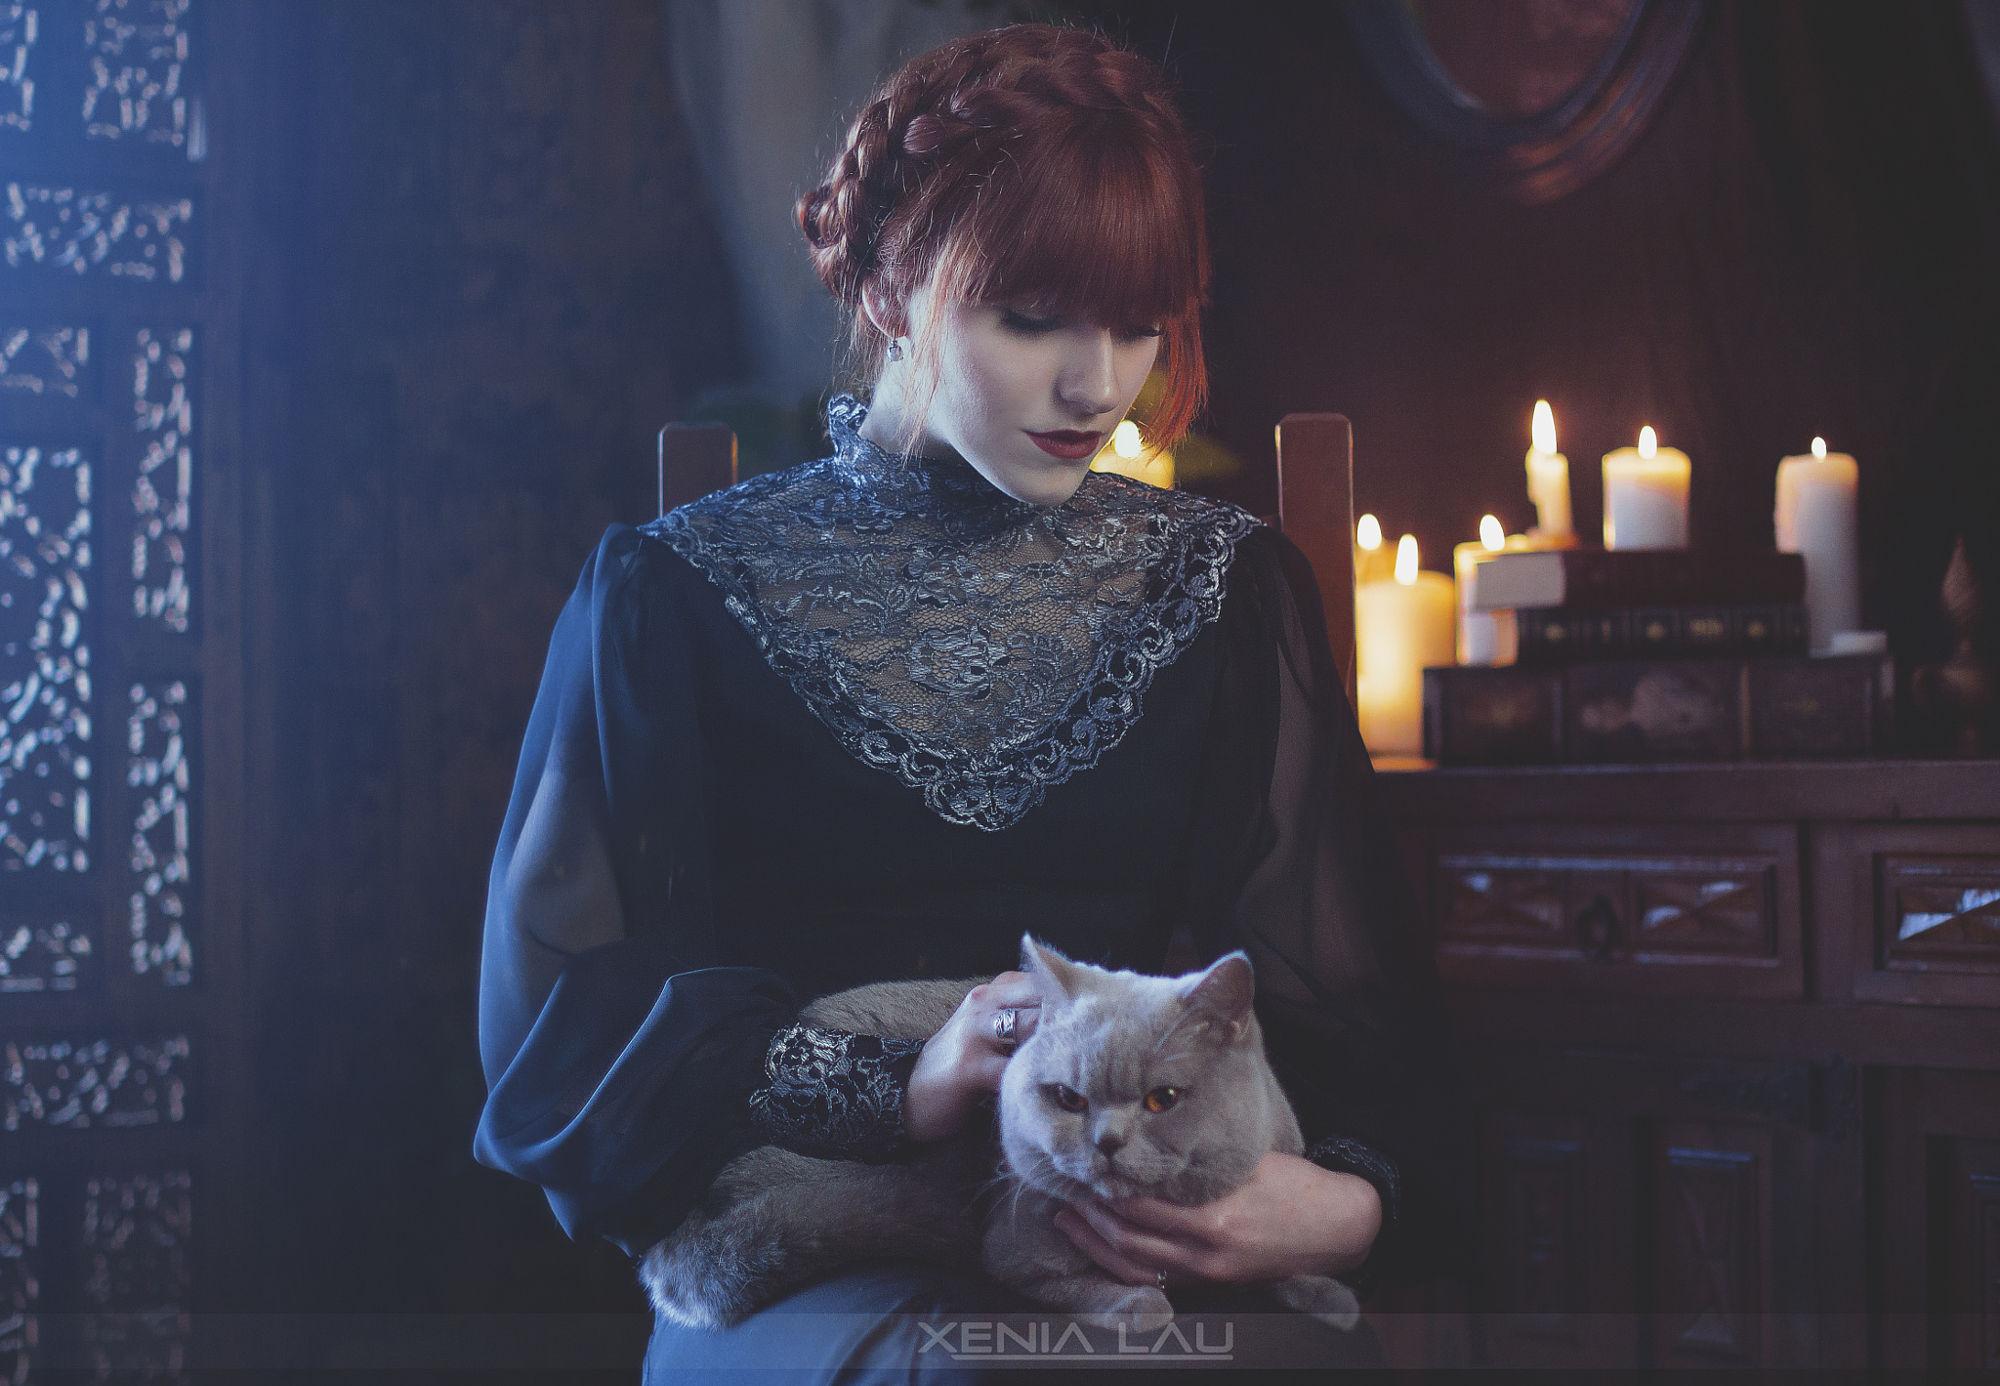 Портреты девушек с кошками, словно из эпохи ренессанса